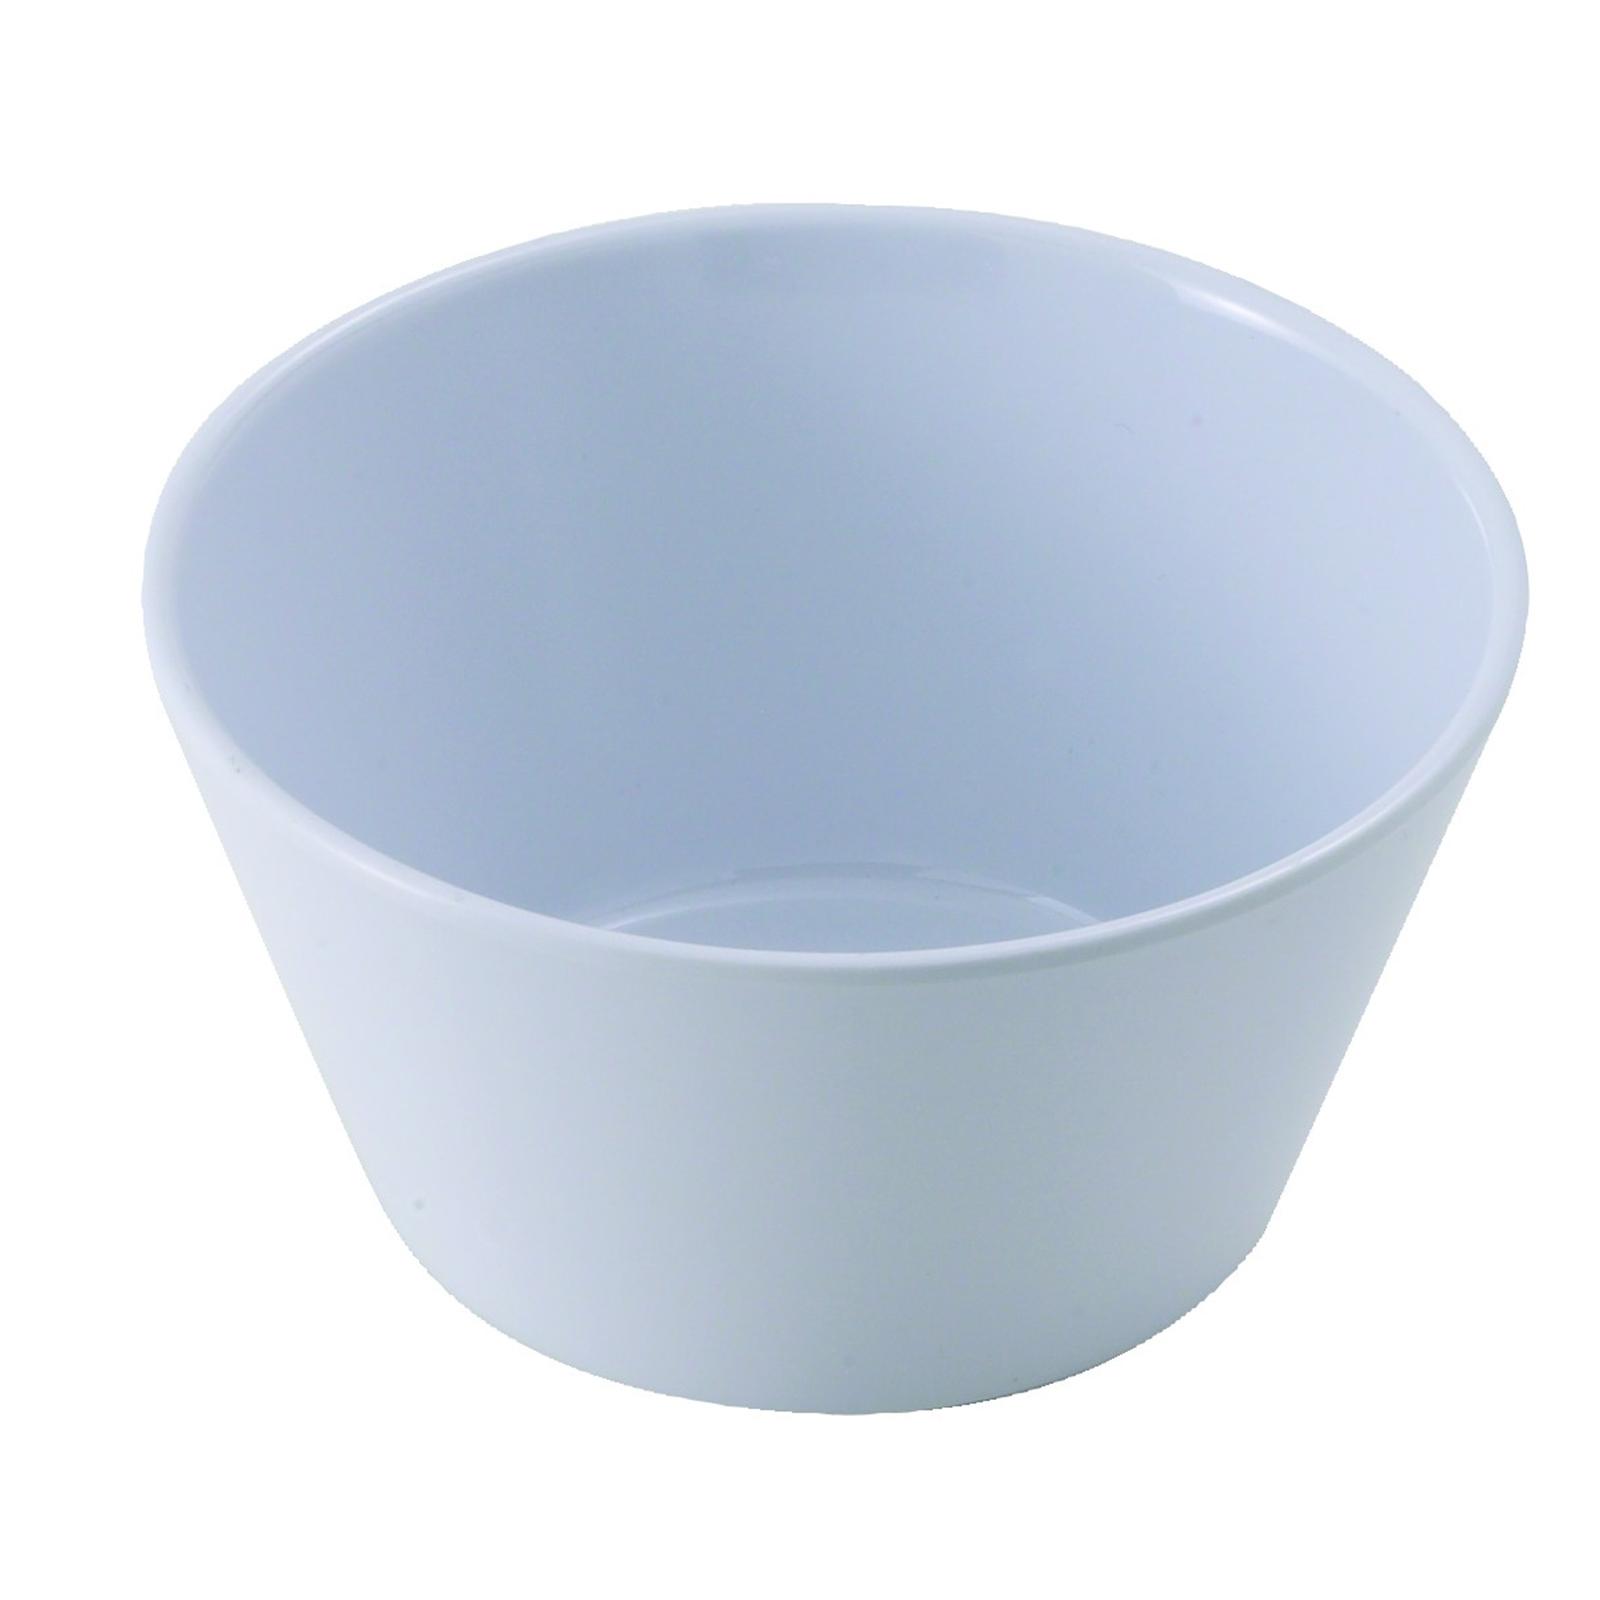 Winco MMB-8W bouillon cups, plastic